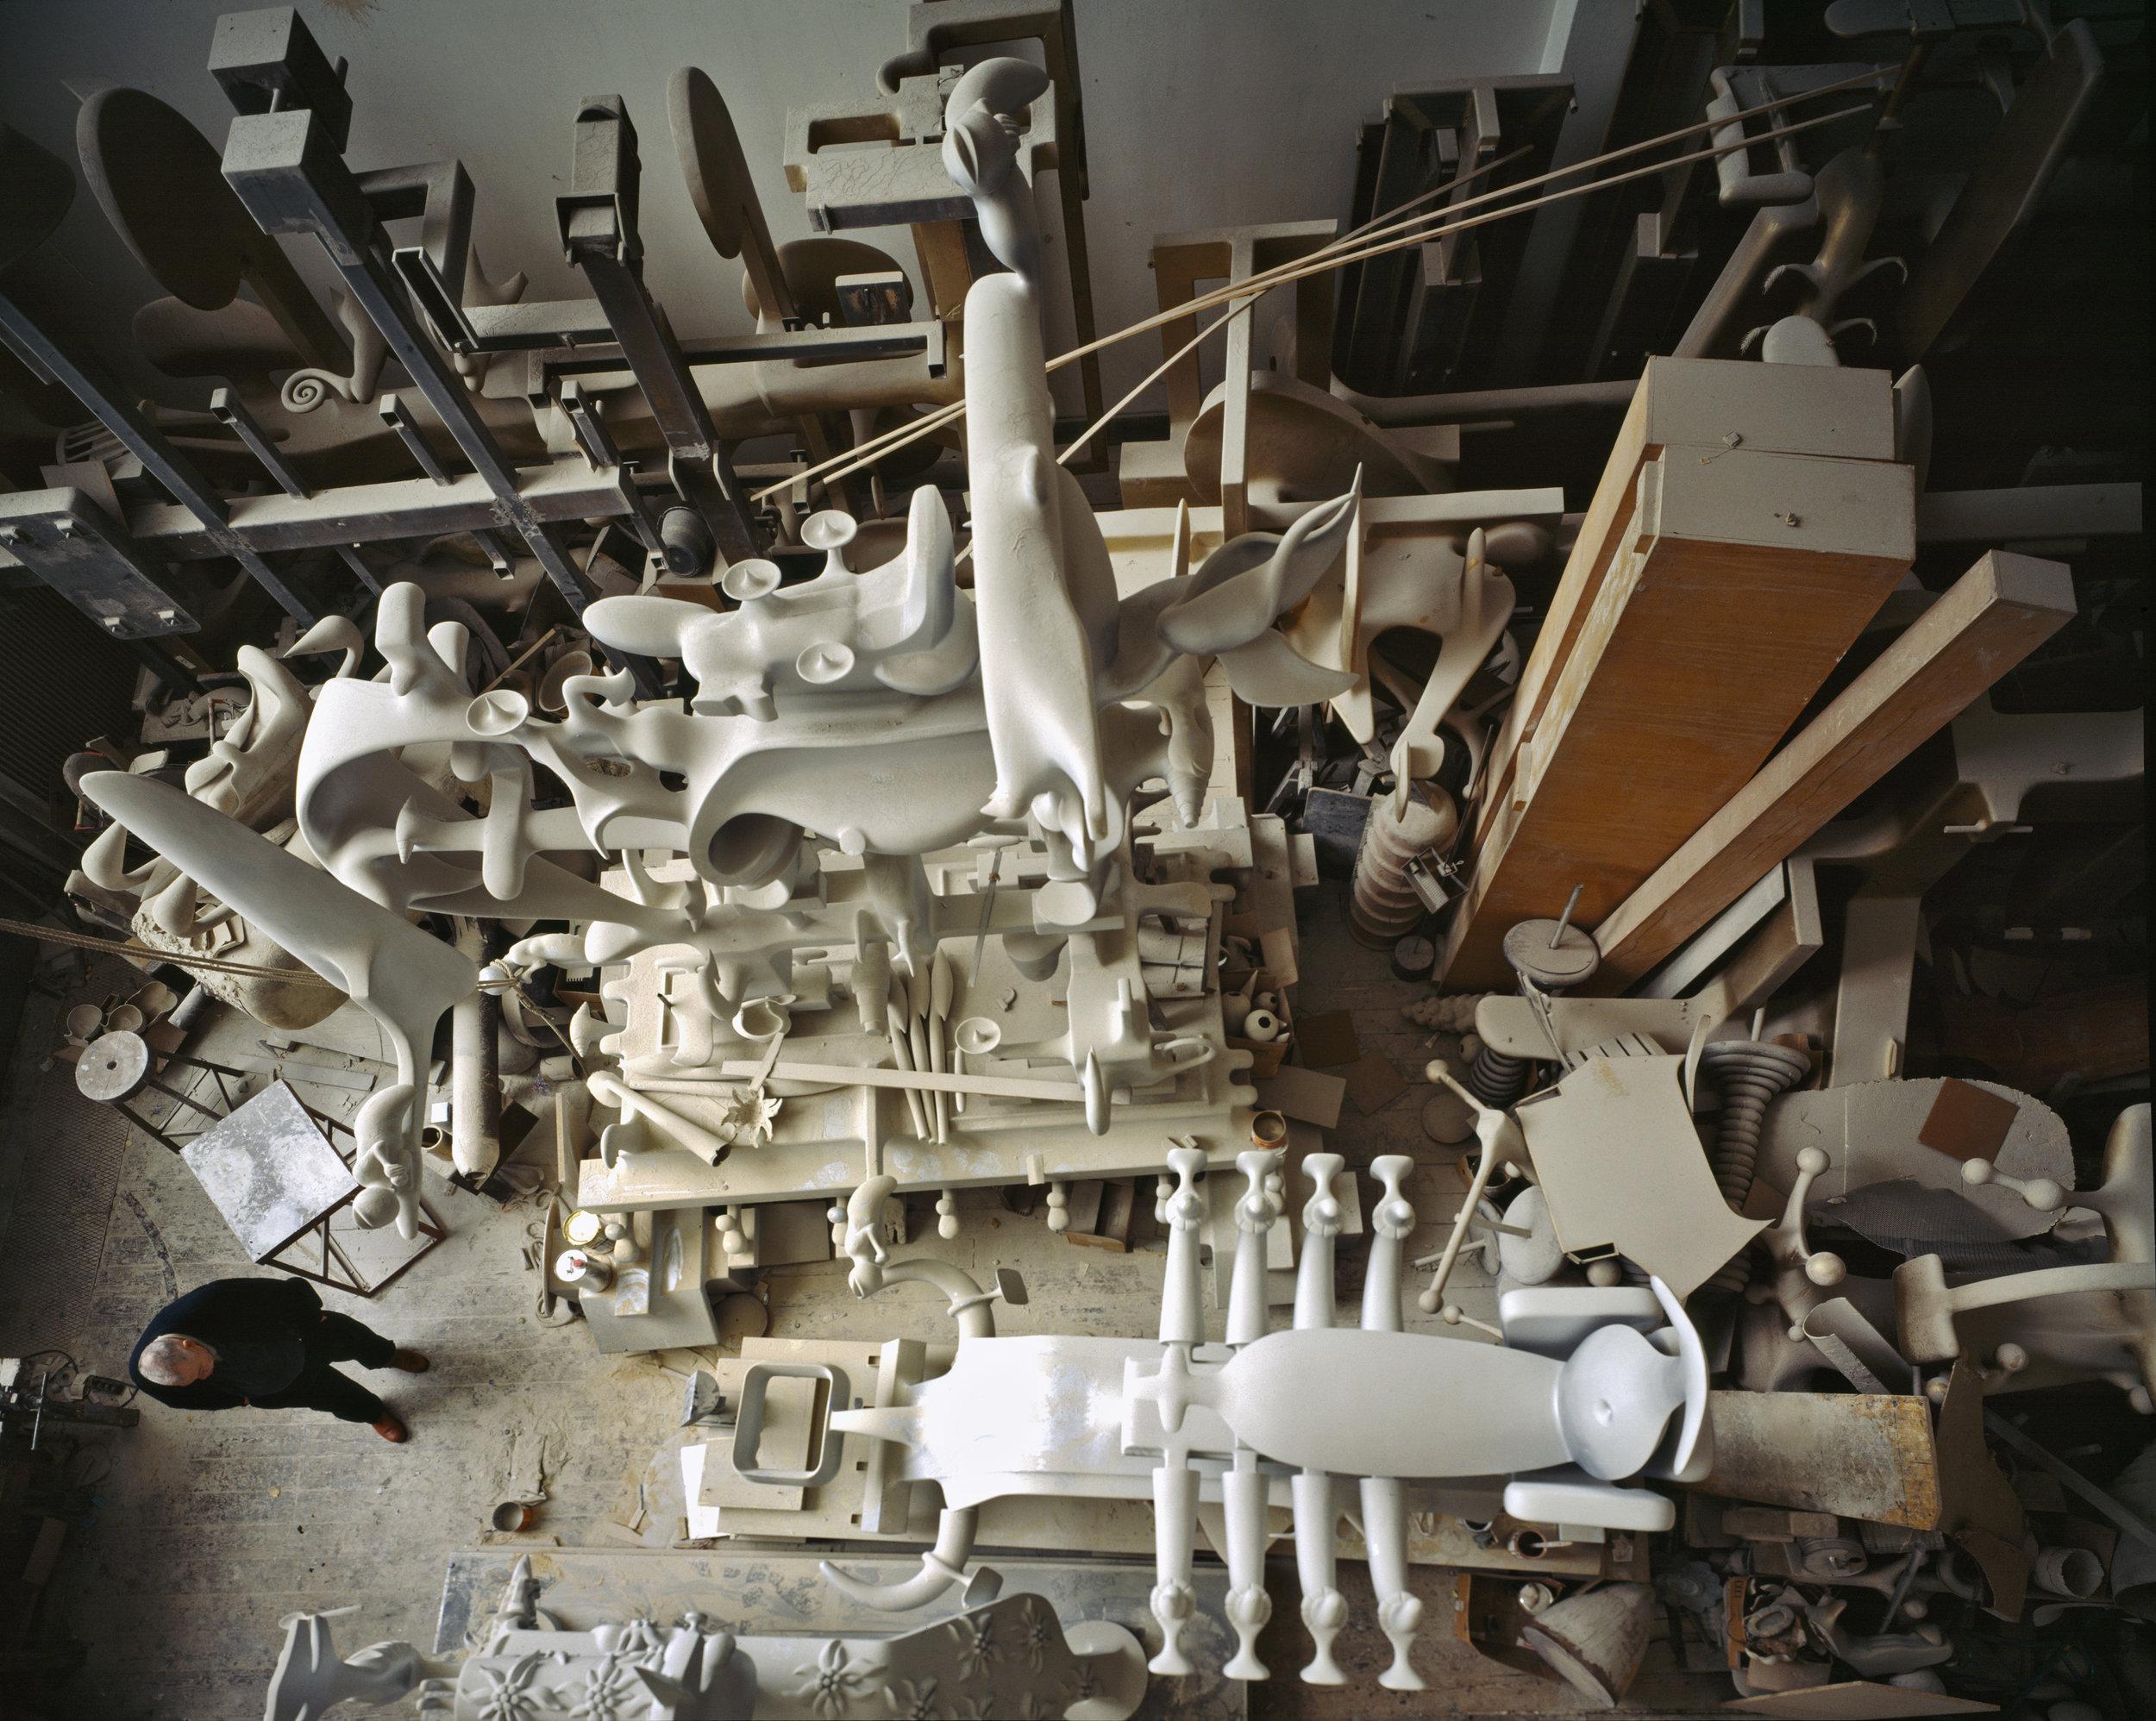 Bruno Gironcoli in seinem Atelier, Kurzbauergasse, Wien, 1997, Architekturzentrum Wien, Sammlung, Foto: Margherita Spiluttini